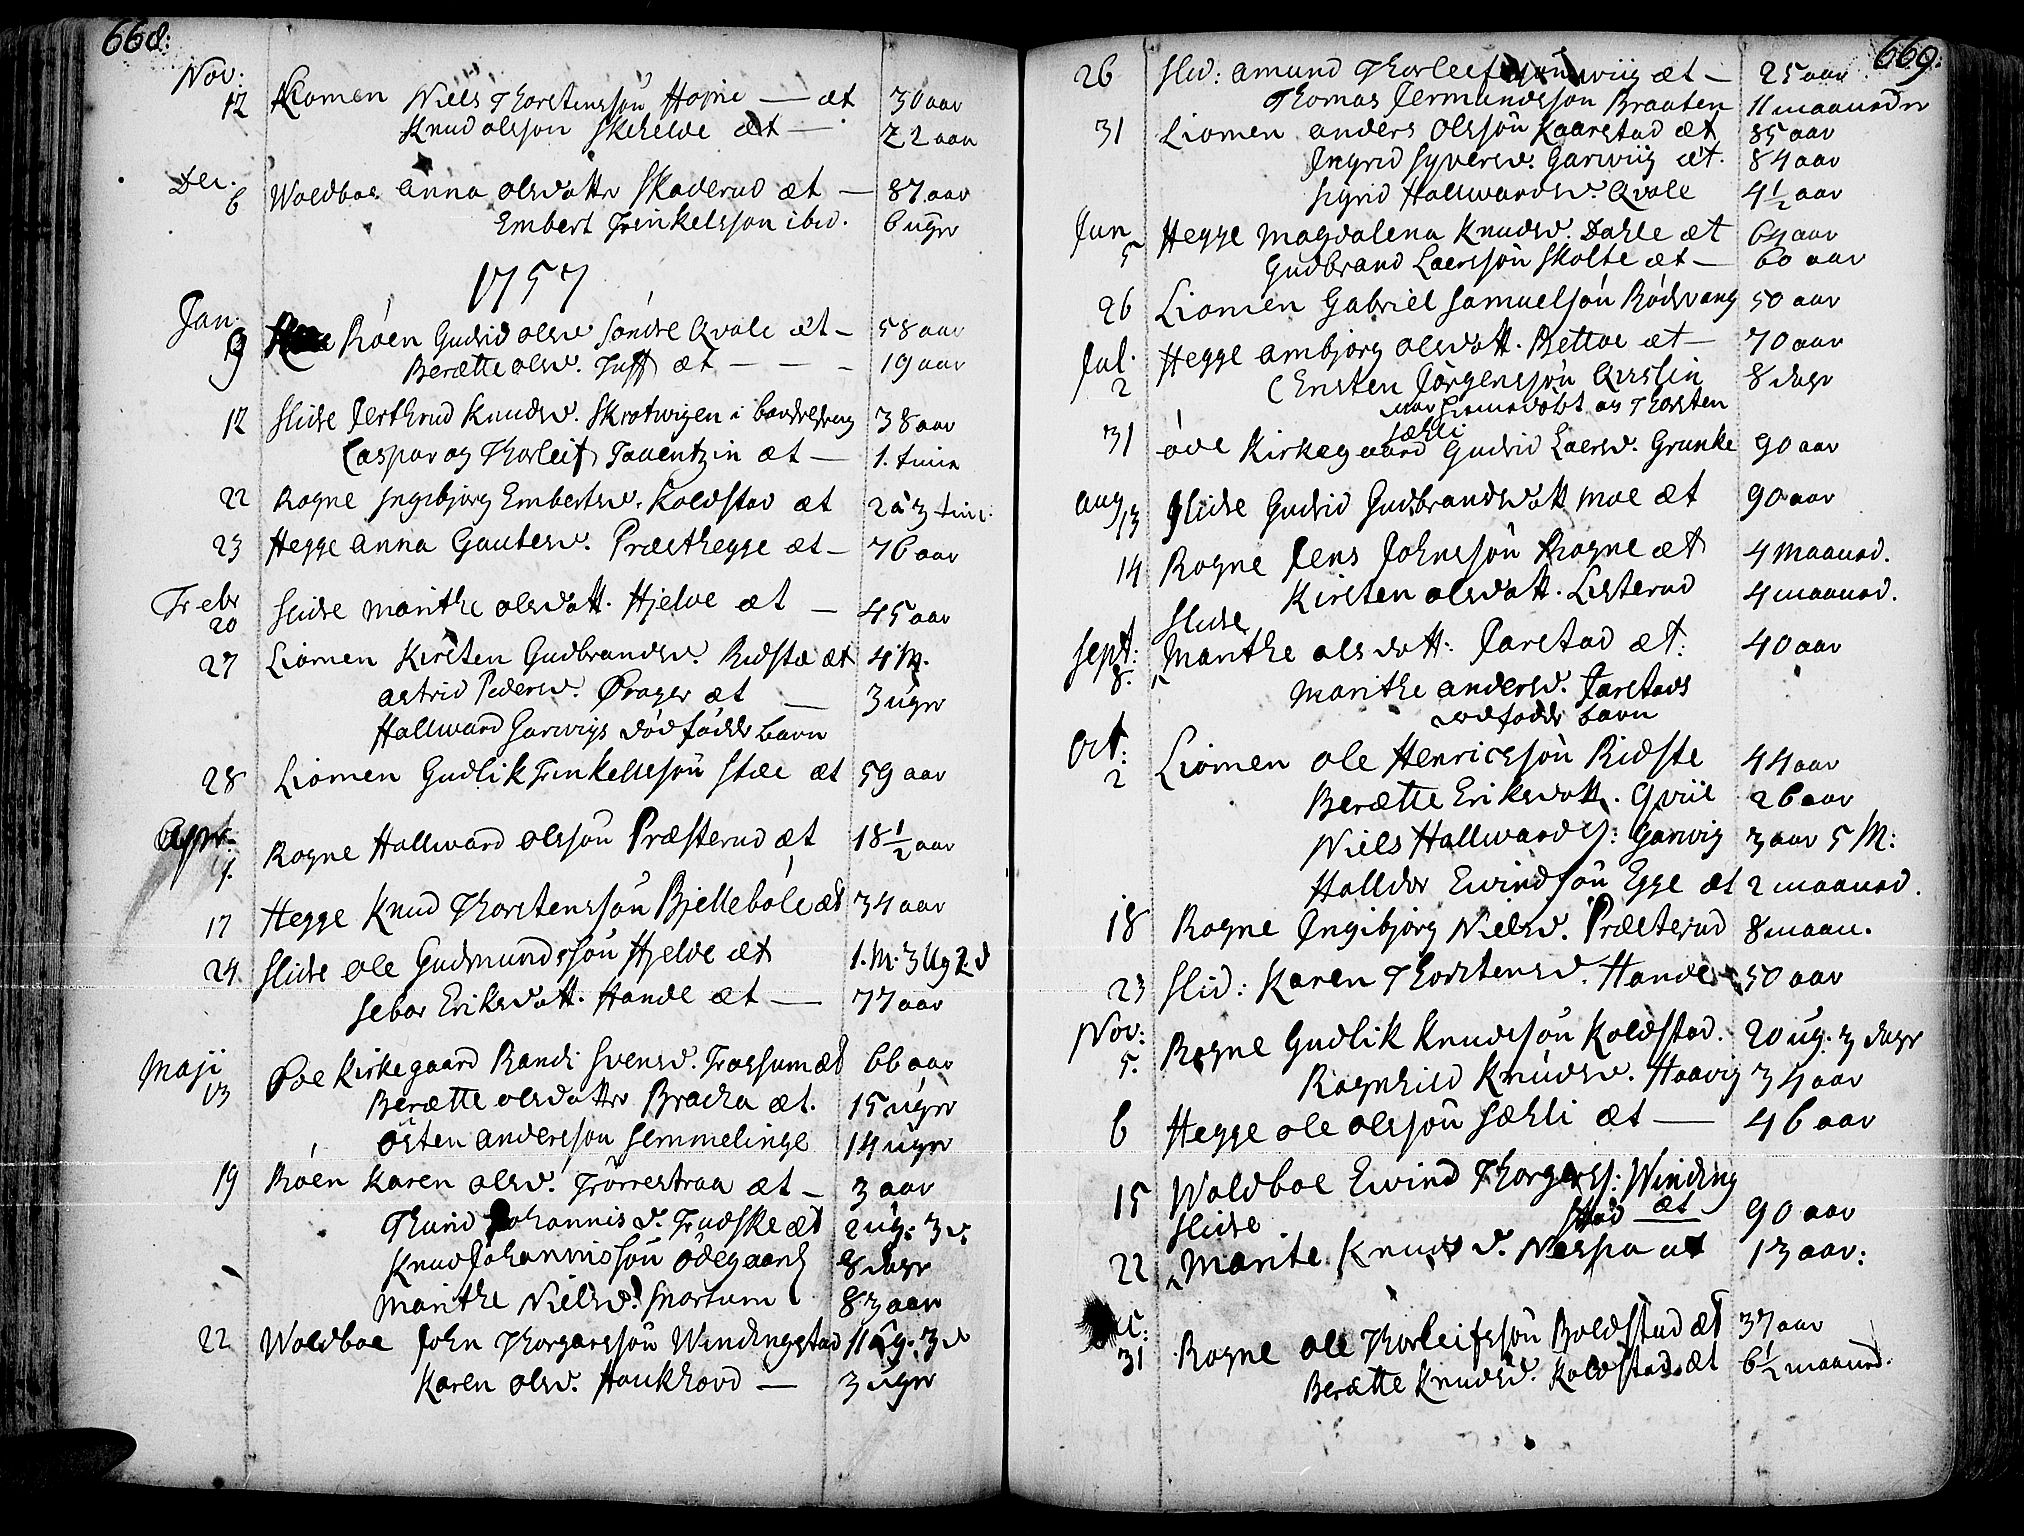 SAH, Slidre prestekontor, Ministerialbok nr. 1, 1724-1814, s. 668-669